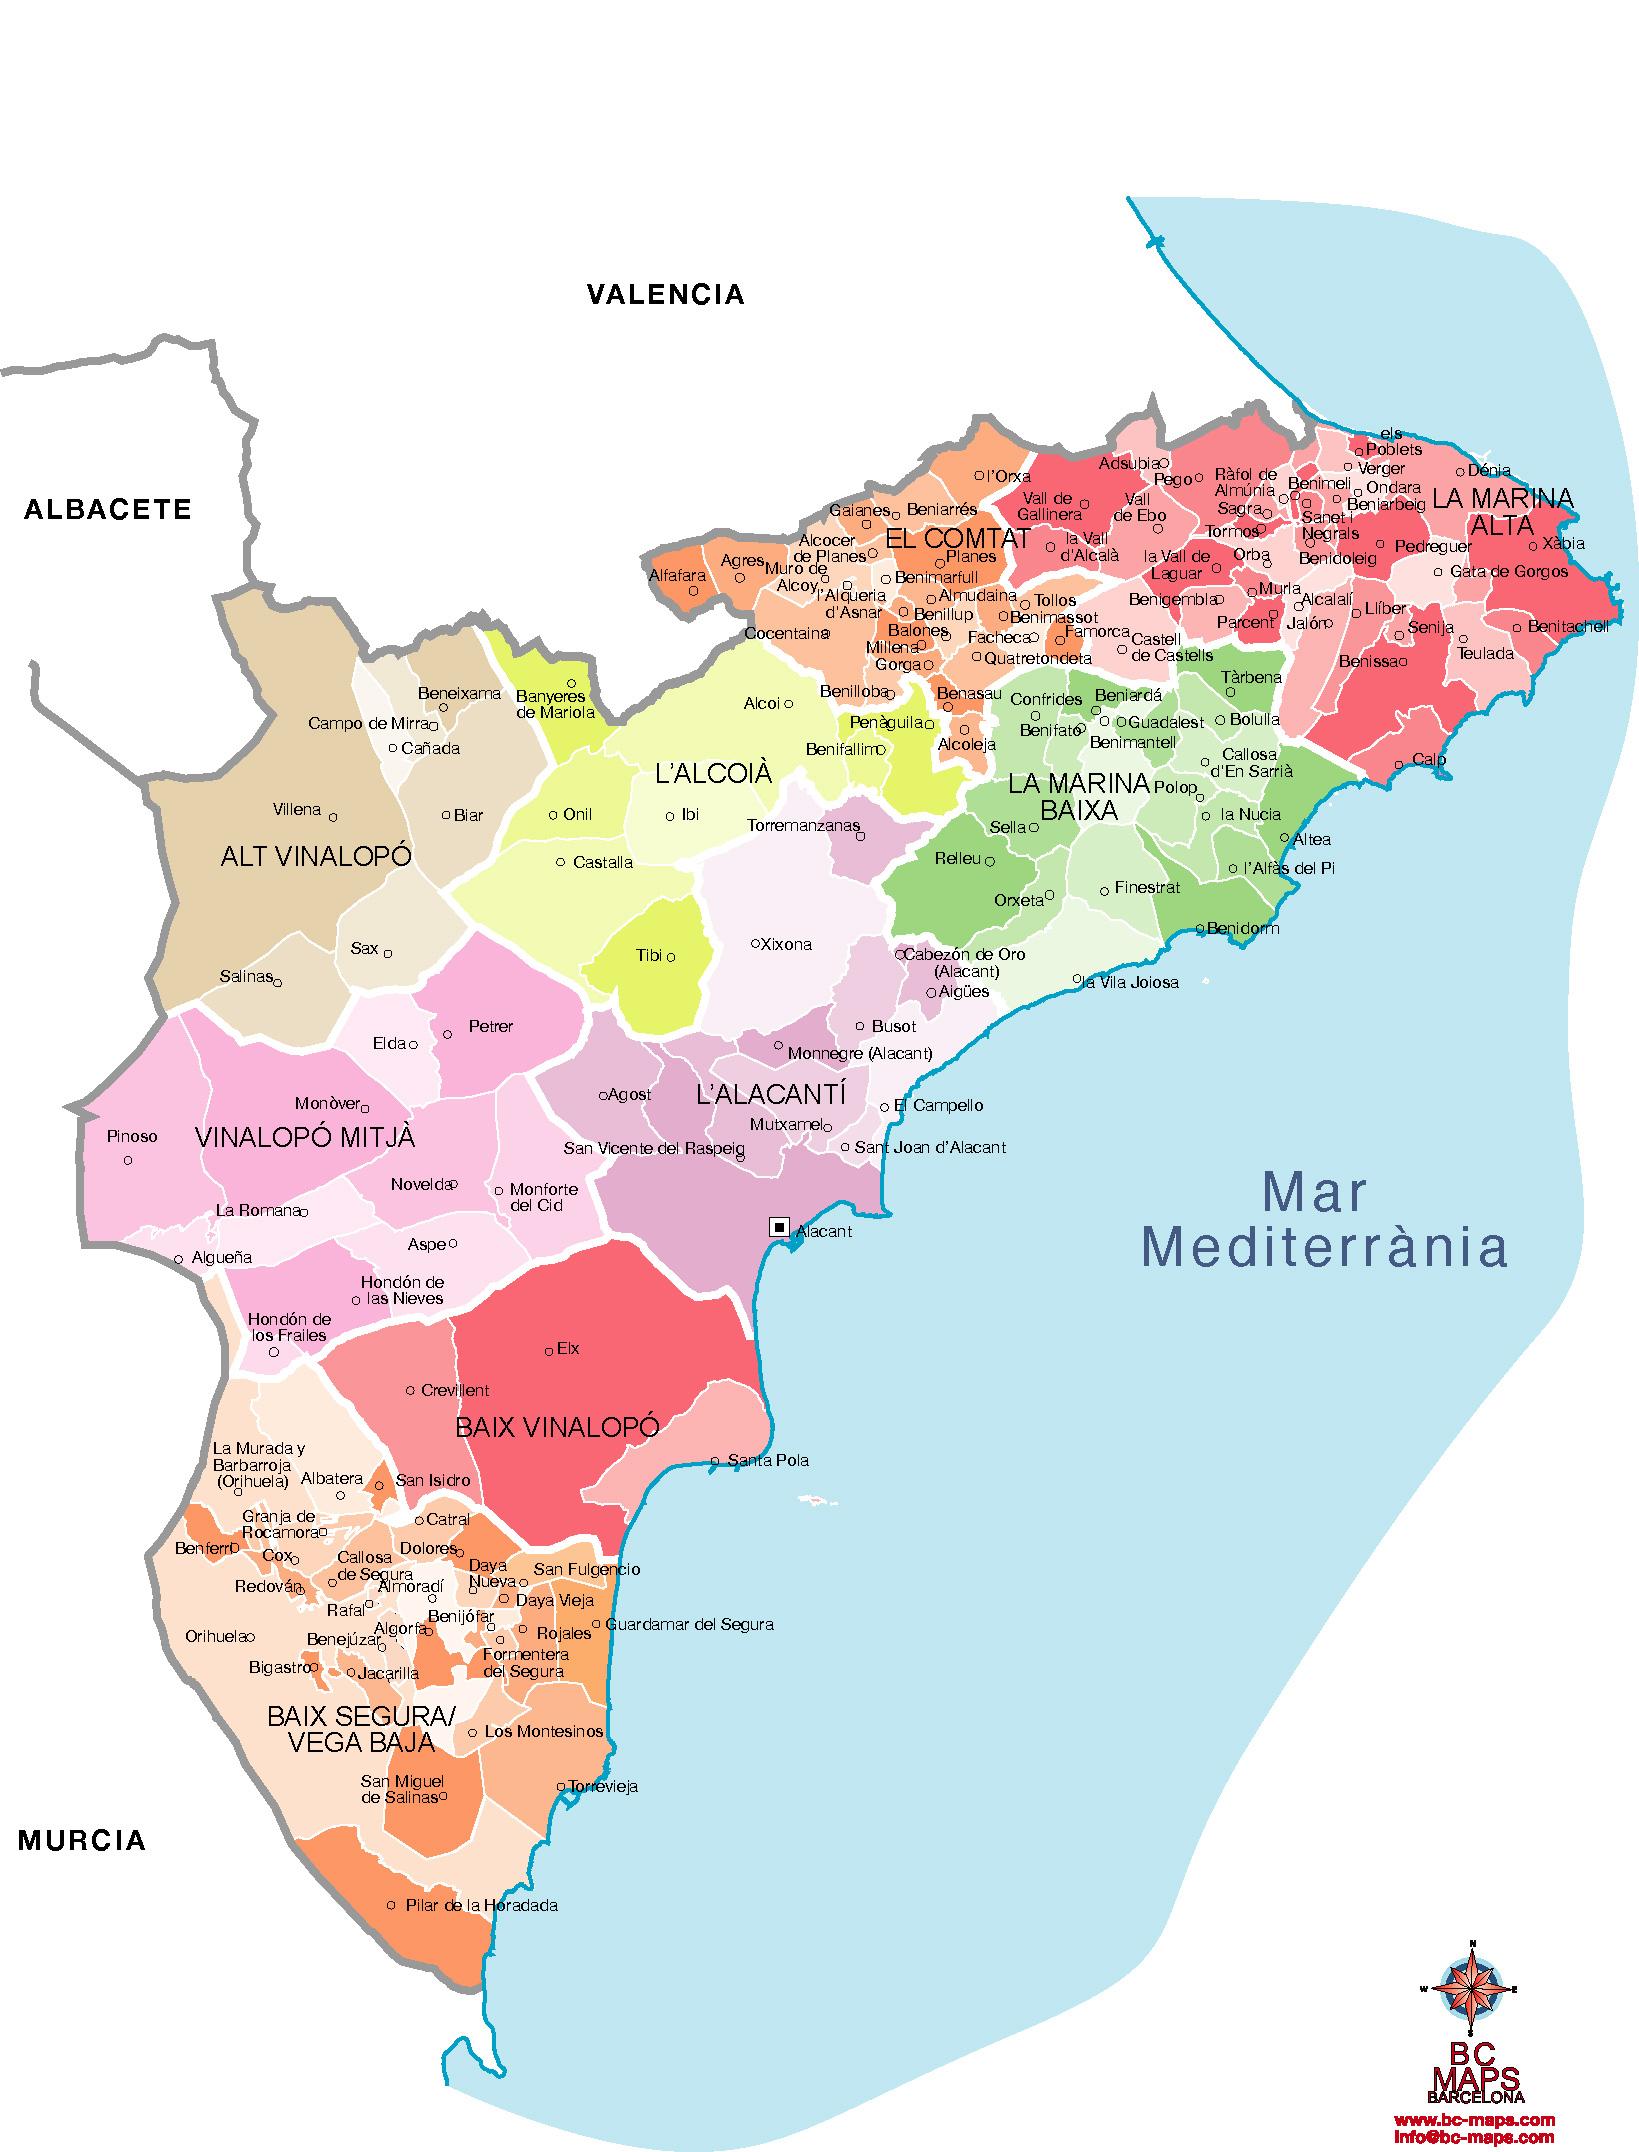 Mapa Provincia De Alicante.Municipios Alicante Provincia Mapas Vectoriales Eps